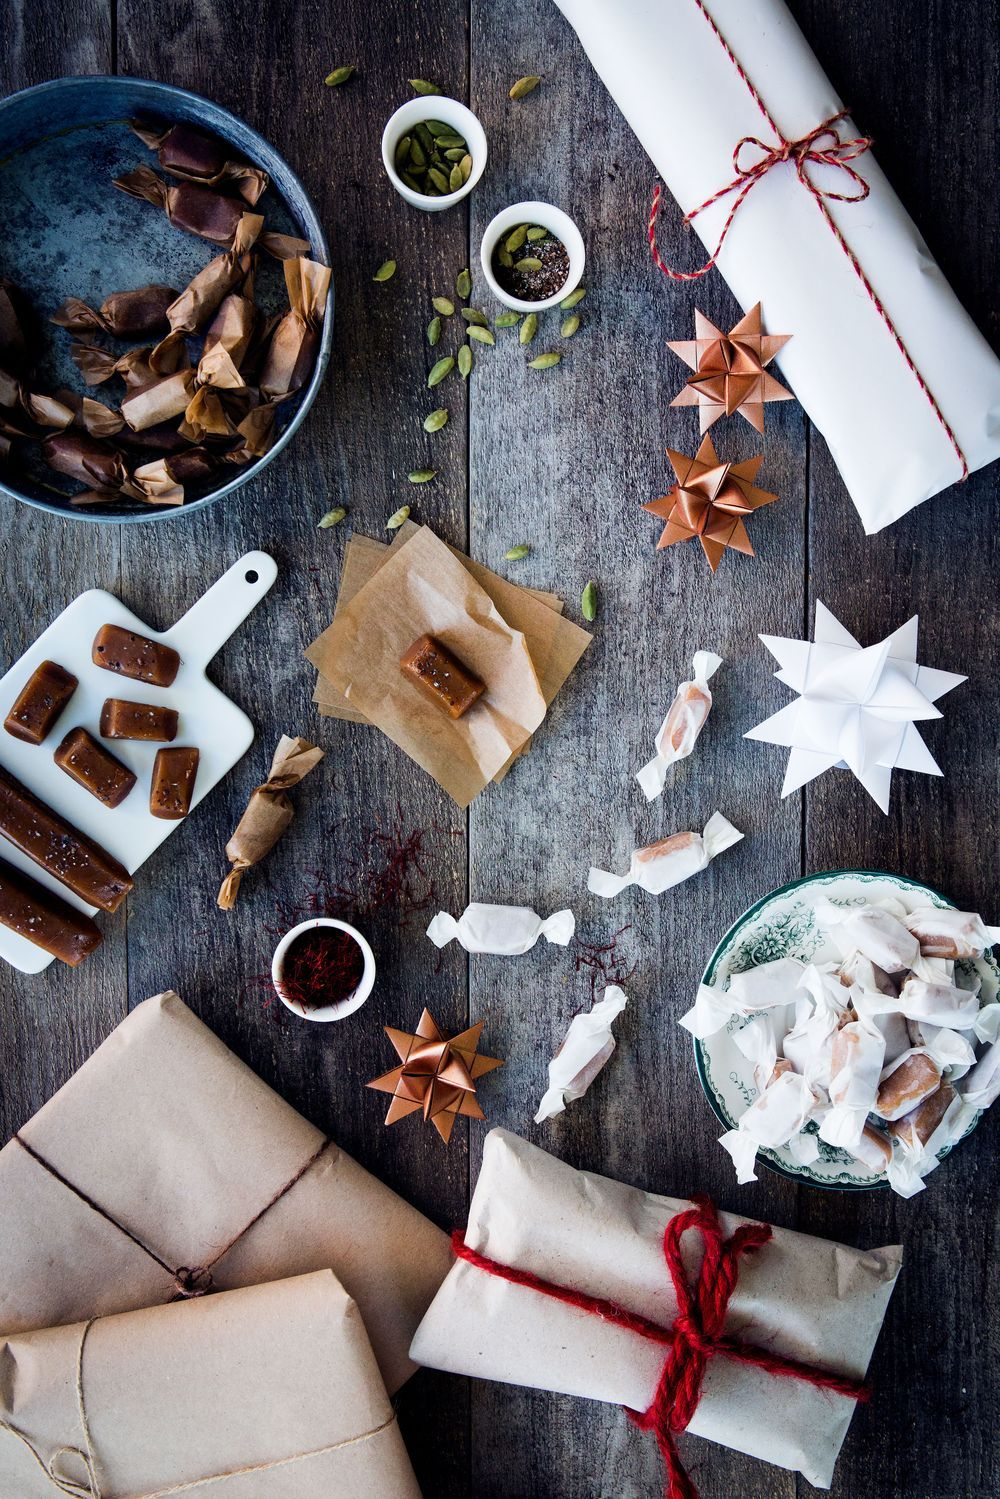 Pin von A N M auf W i n t e r | Pinterest | Fröhliche weihnachten ...